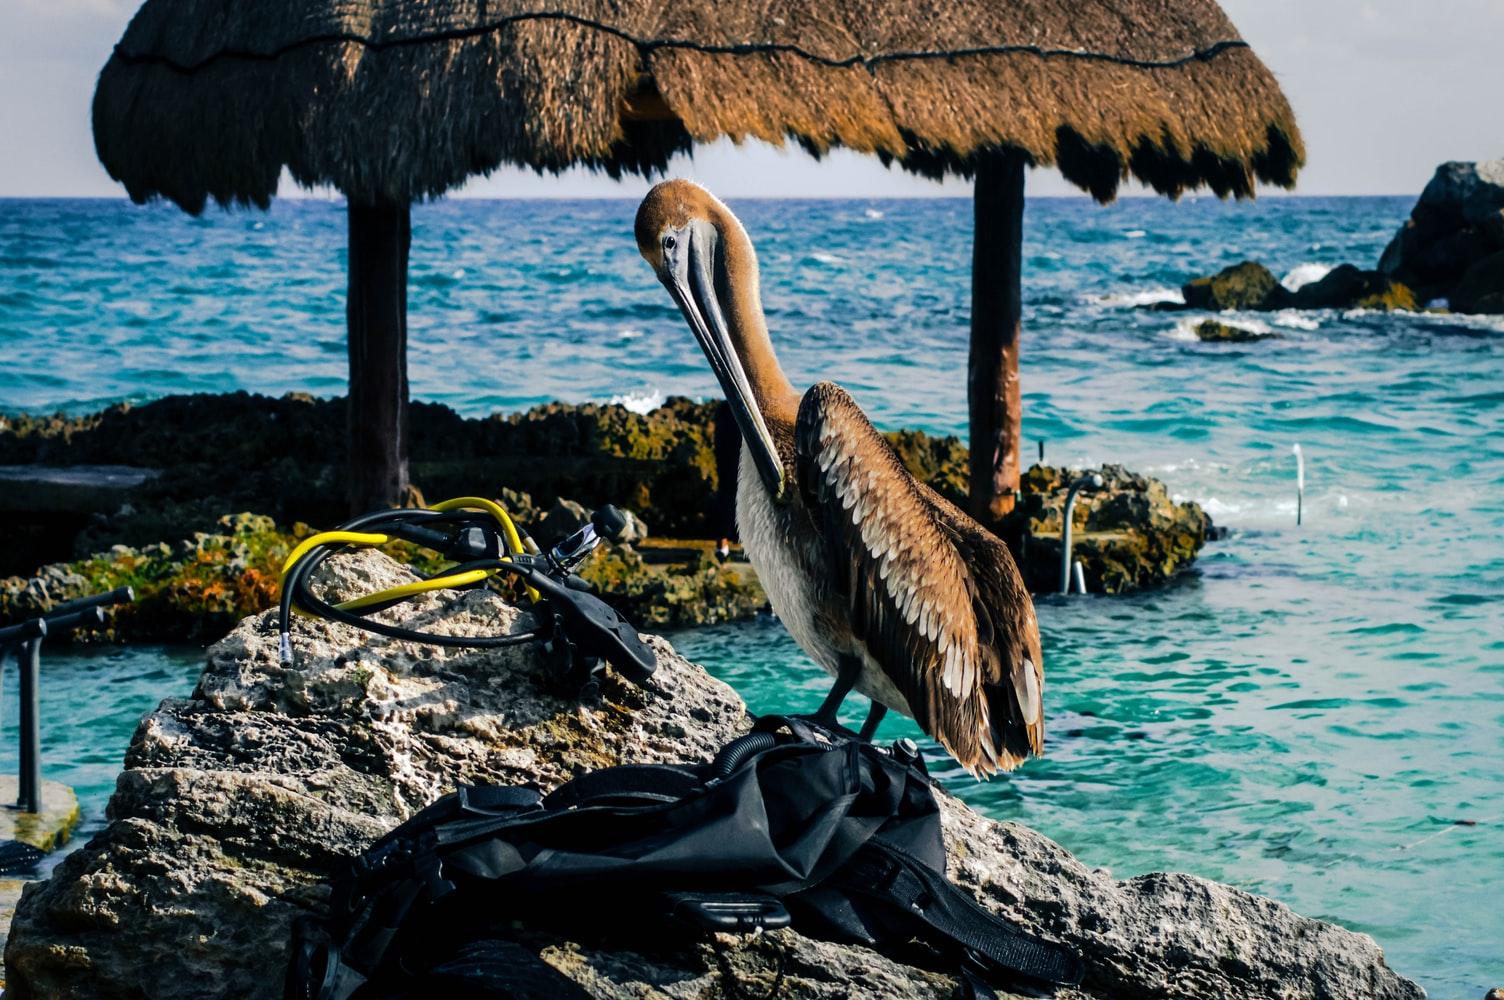 pelicano-mirando-equipo-buceo